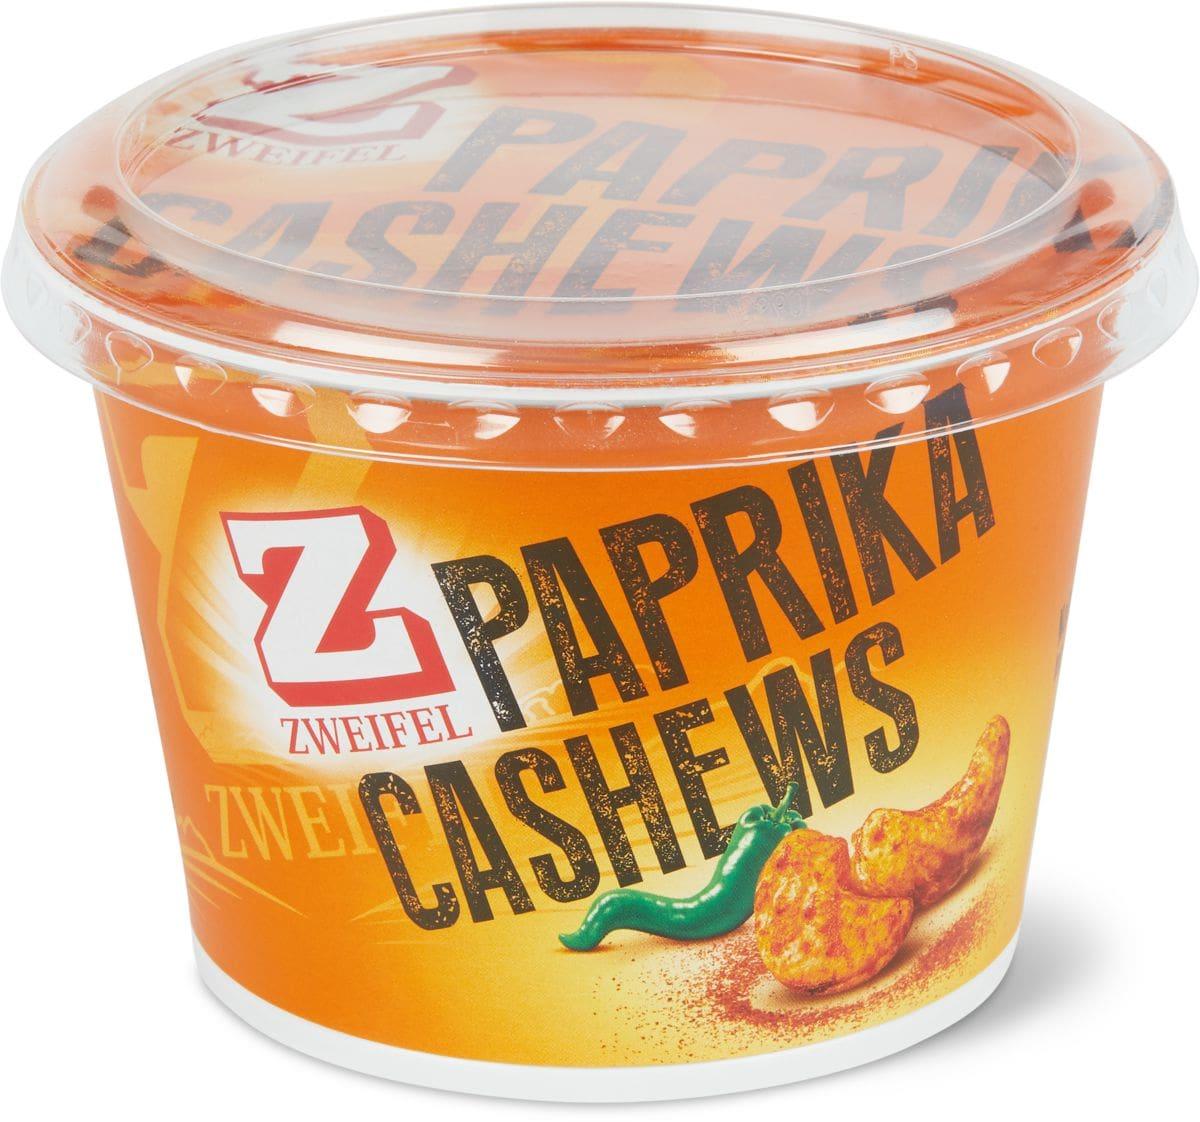 Zweifel Paprika Cashews